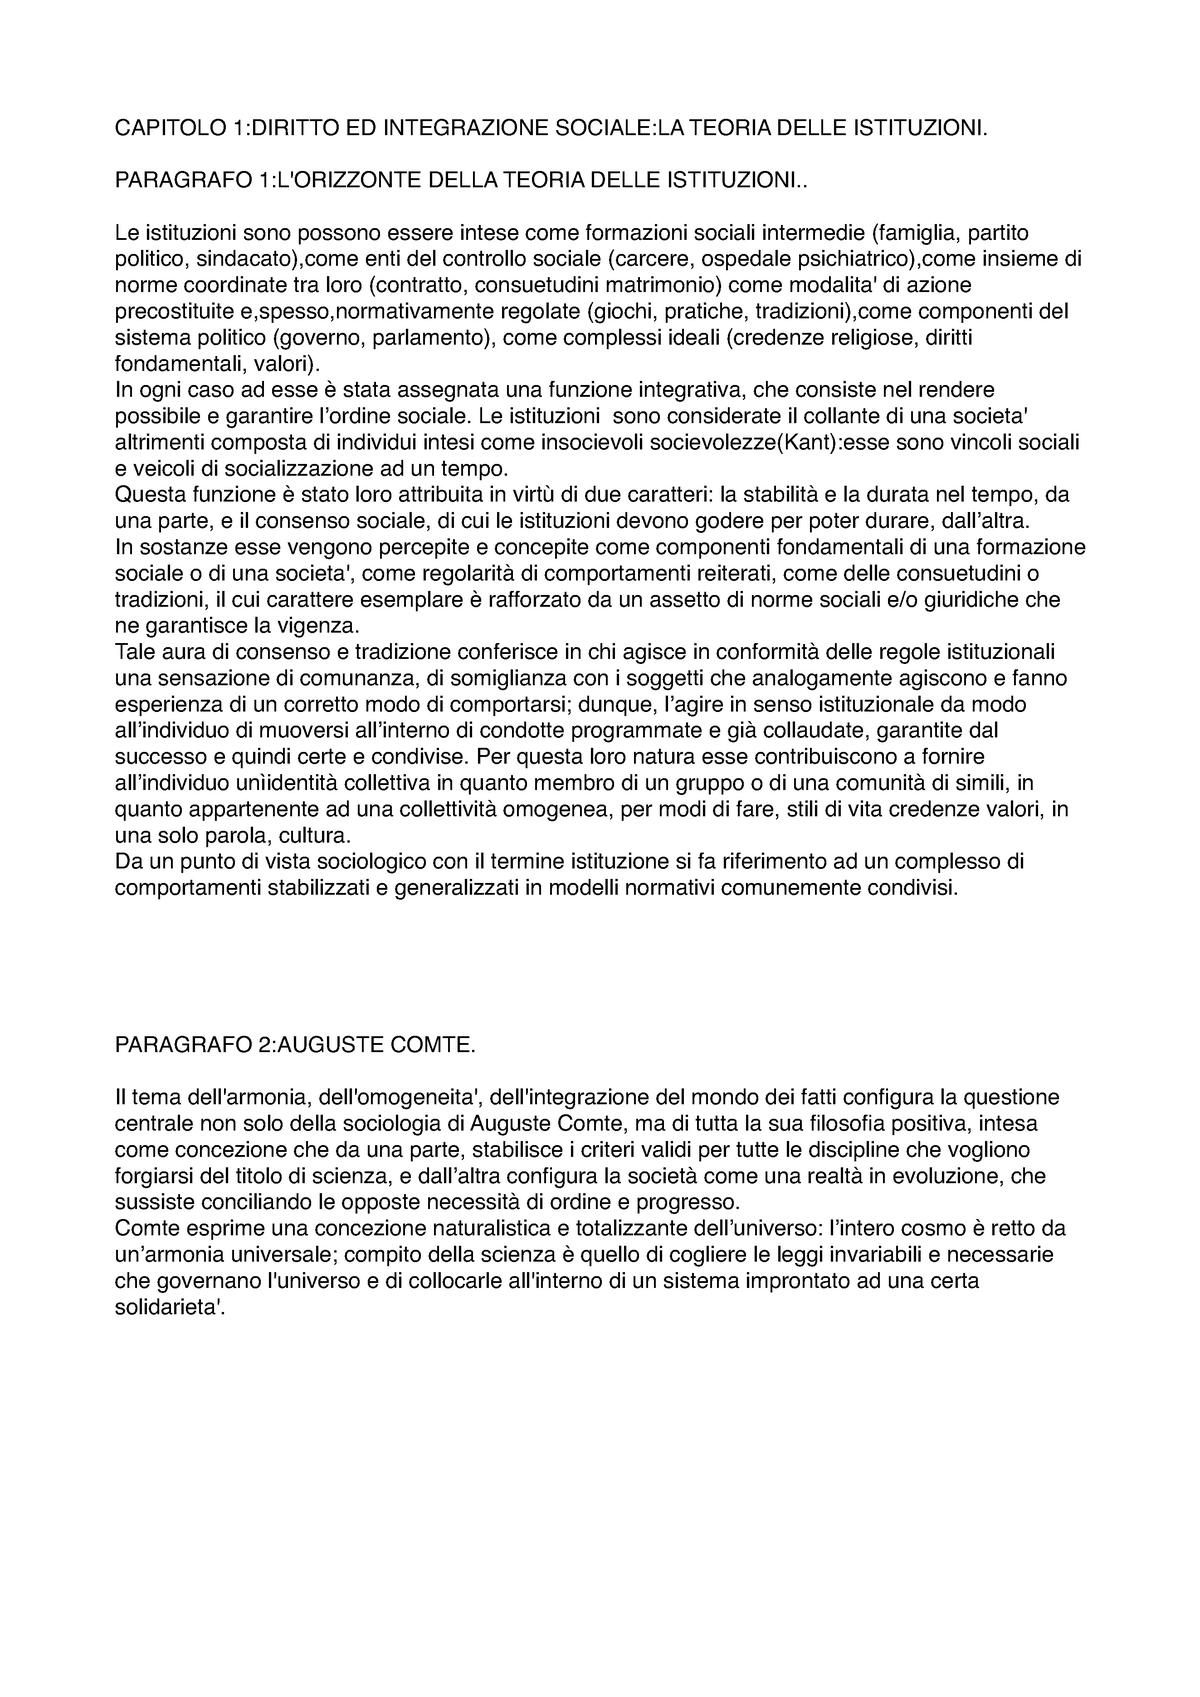 Amazon.it: Diritto come questione sociale - Santoro, E ...